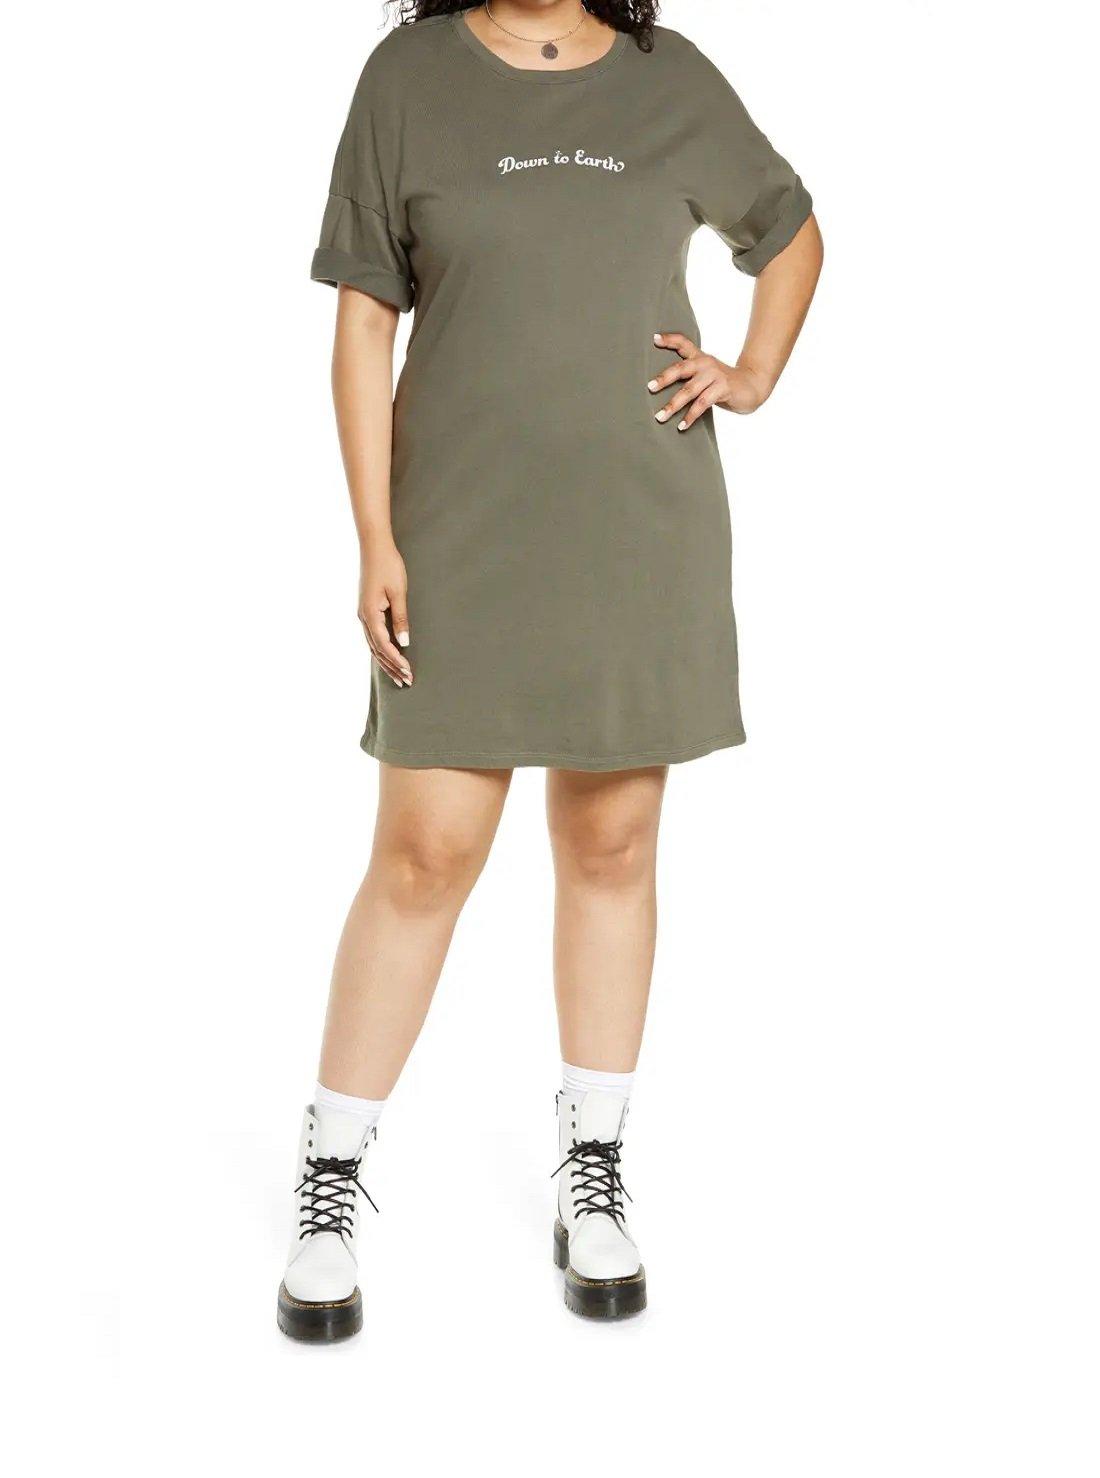 Plus Size Graphic T-Shirt Dress